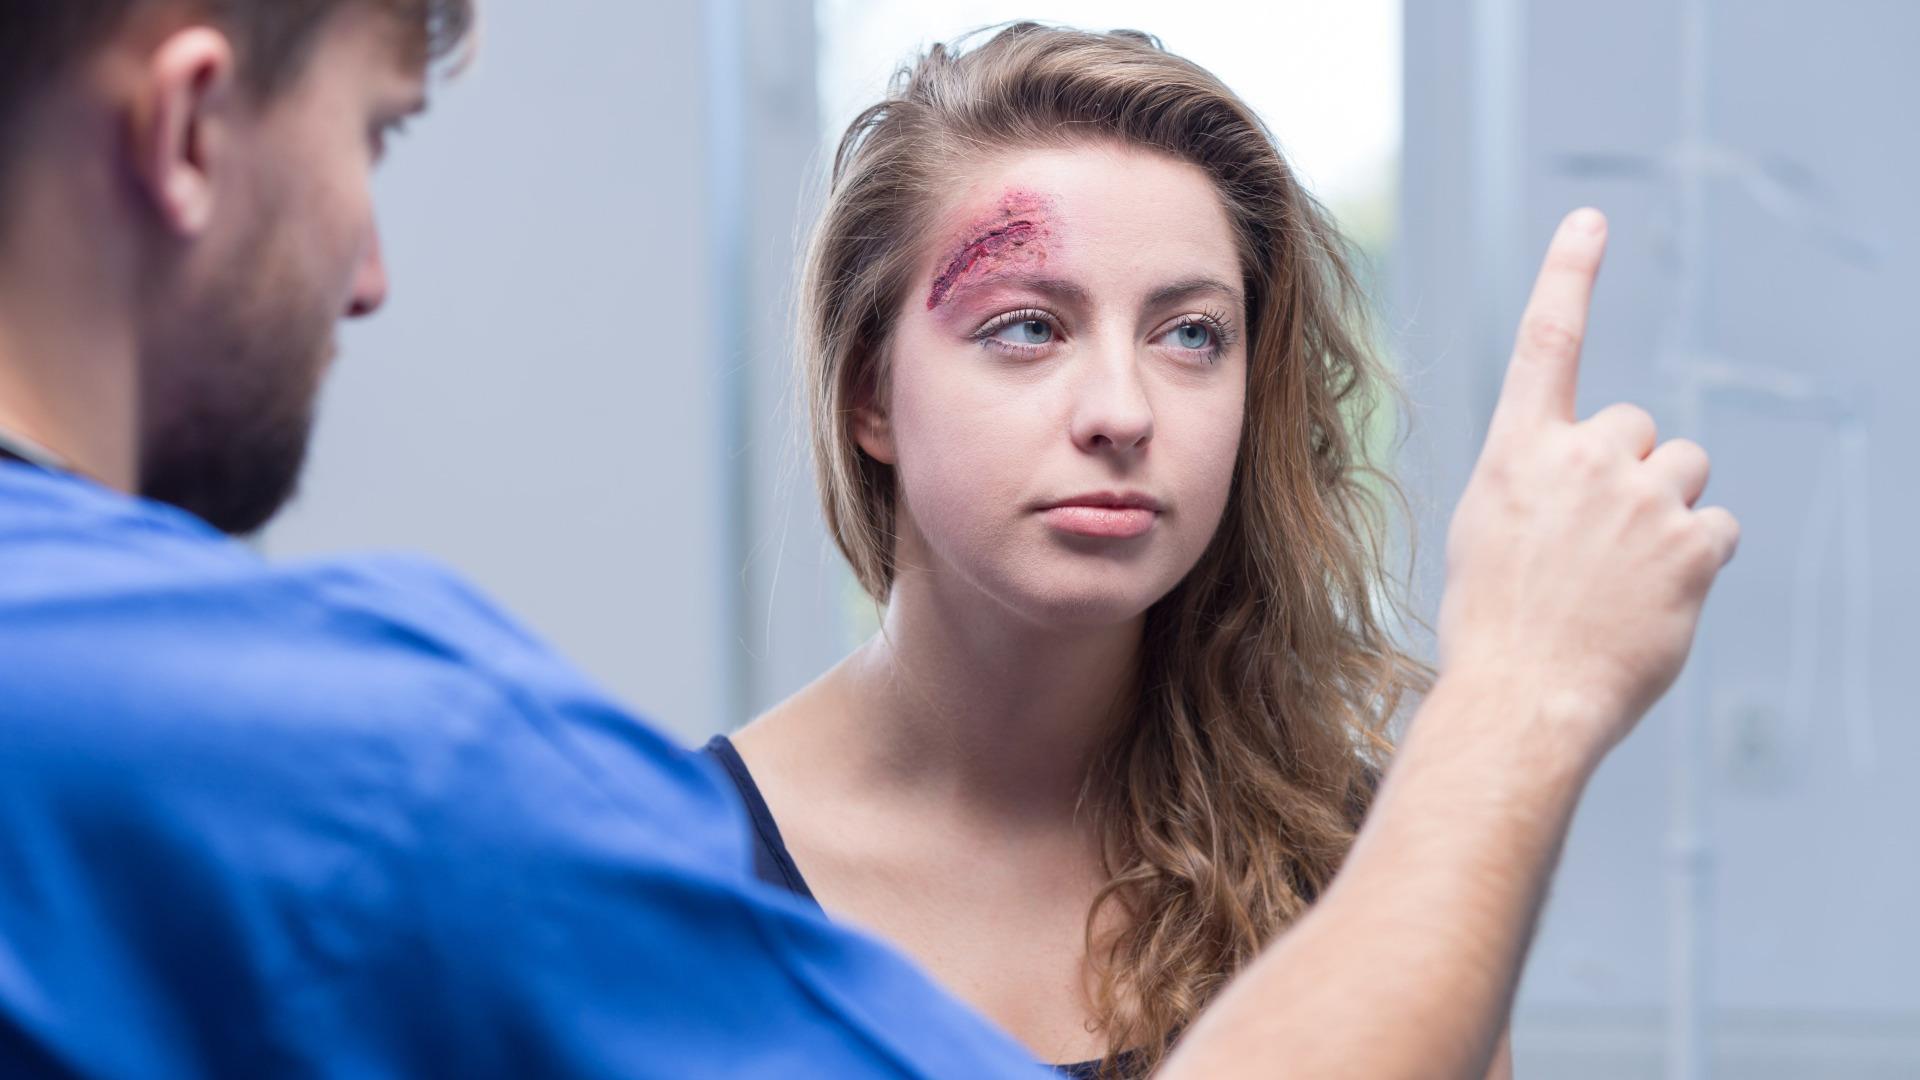 Последствия сотрясения мозга у женщин сохраняются дольше по сравнению с мужчинами